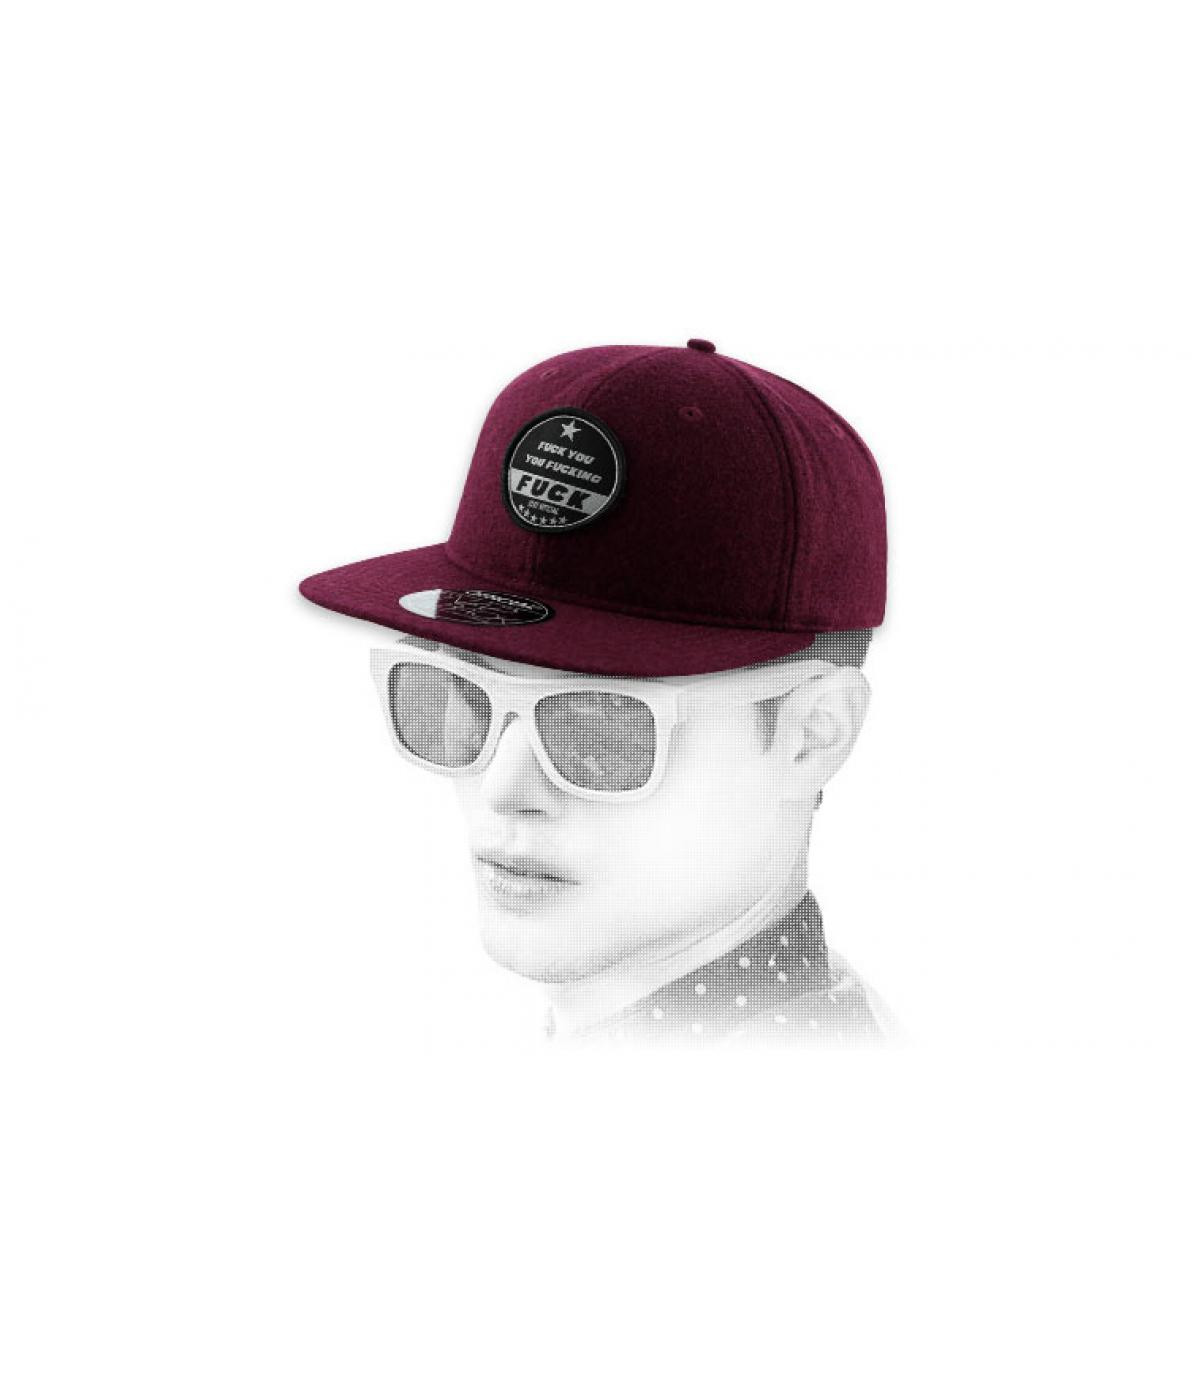 FYYFF cap